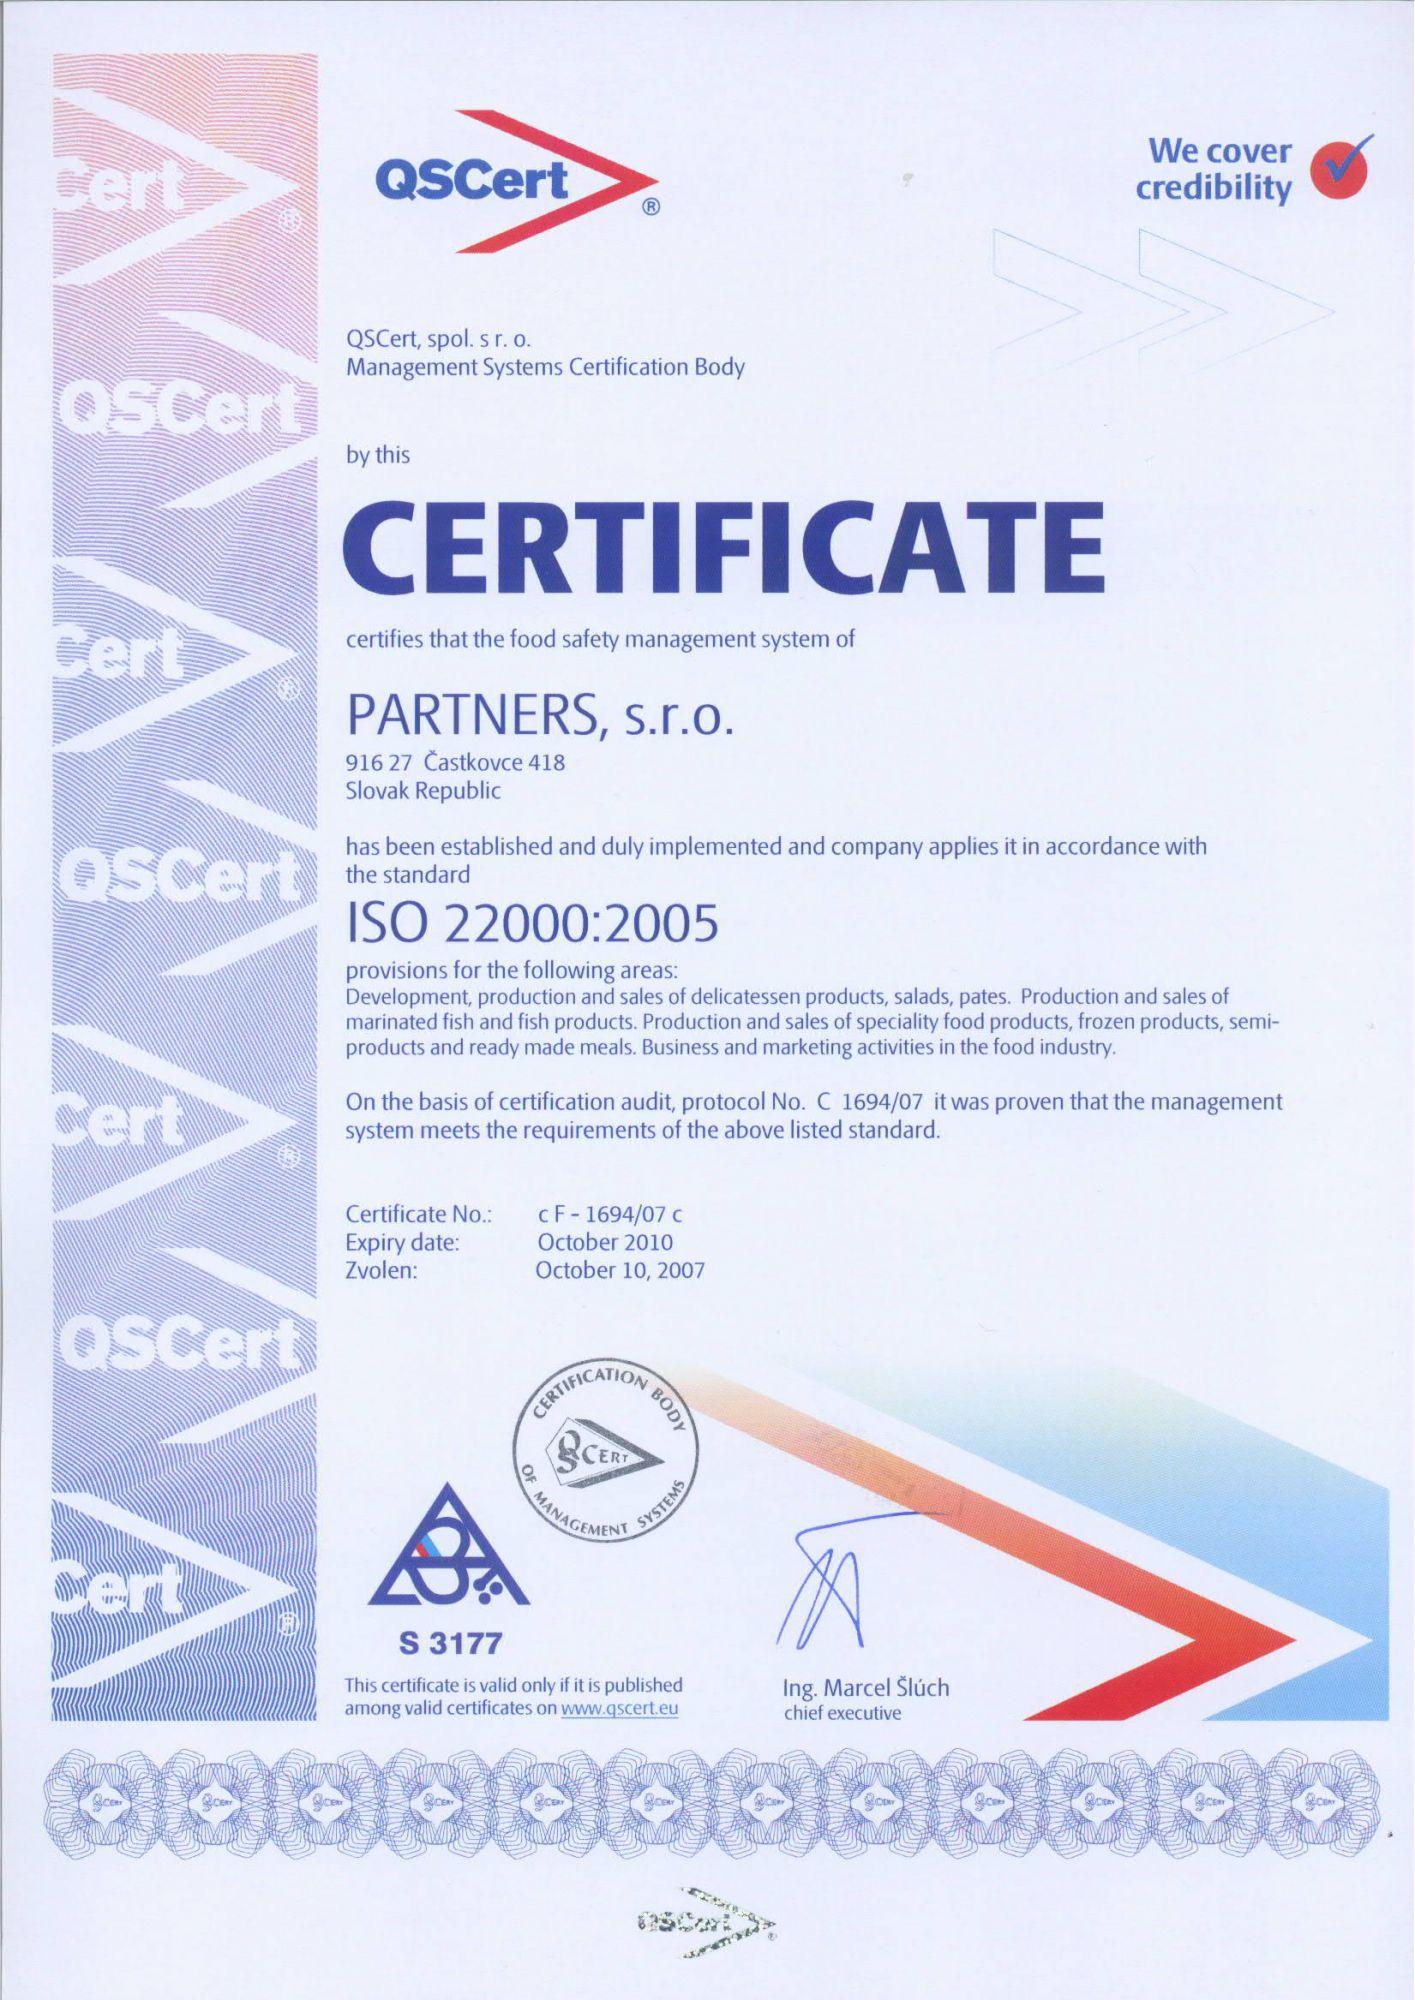 ISO 22000, QSCert